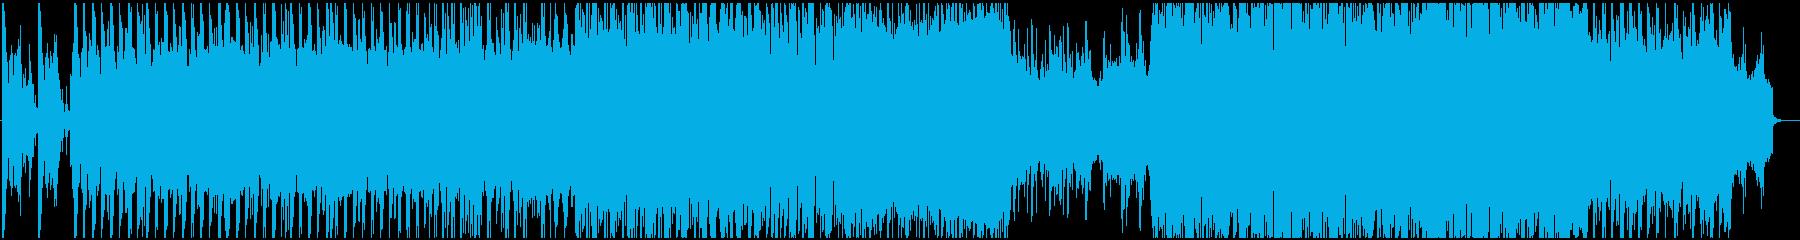 ダブステップでダイナミックな曲の再生済みの波形